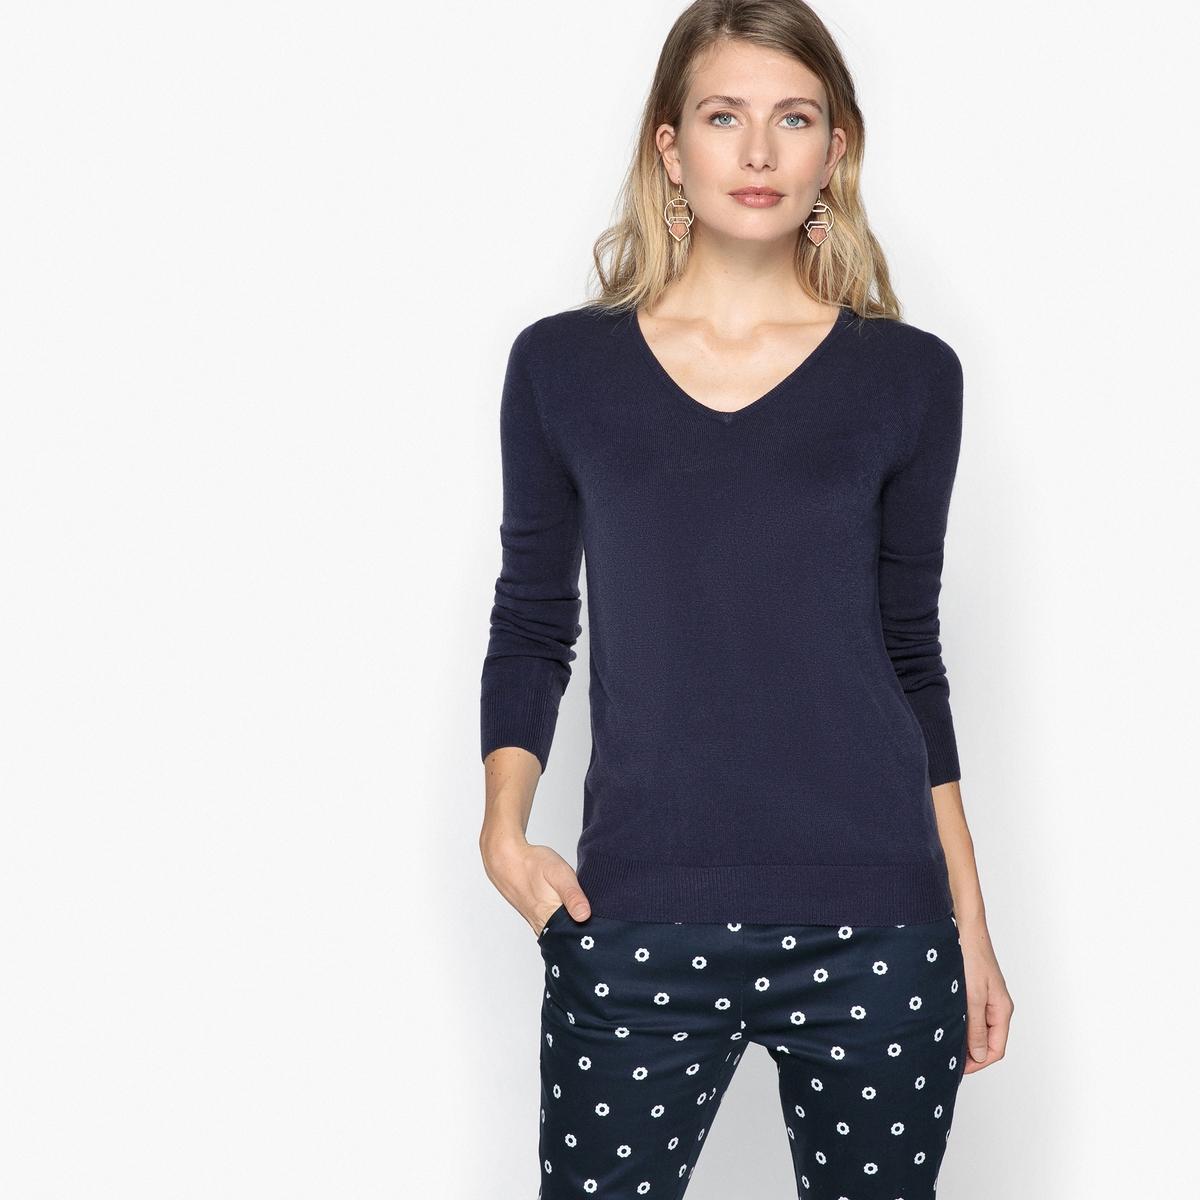 Пуловер с V-образным вырезом из мягкого тонкого трикотажа